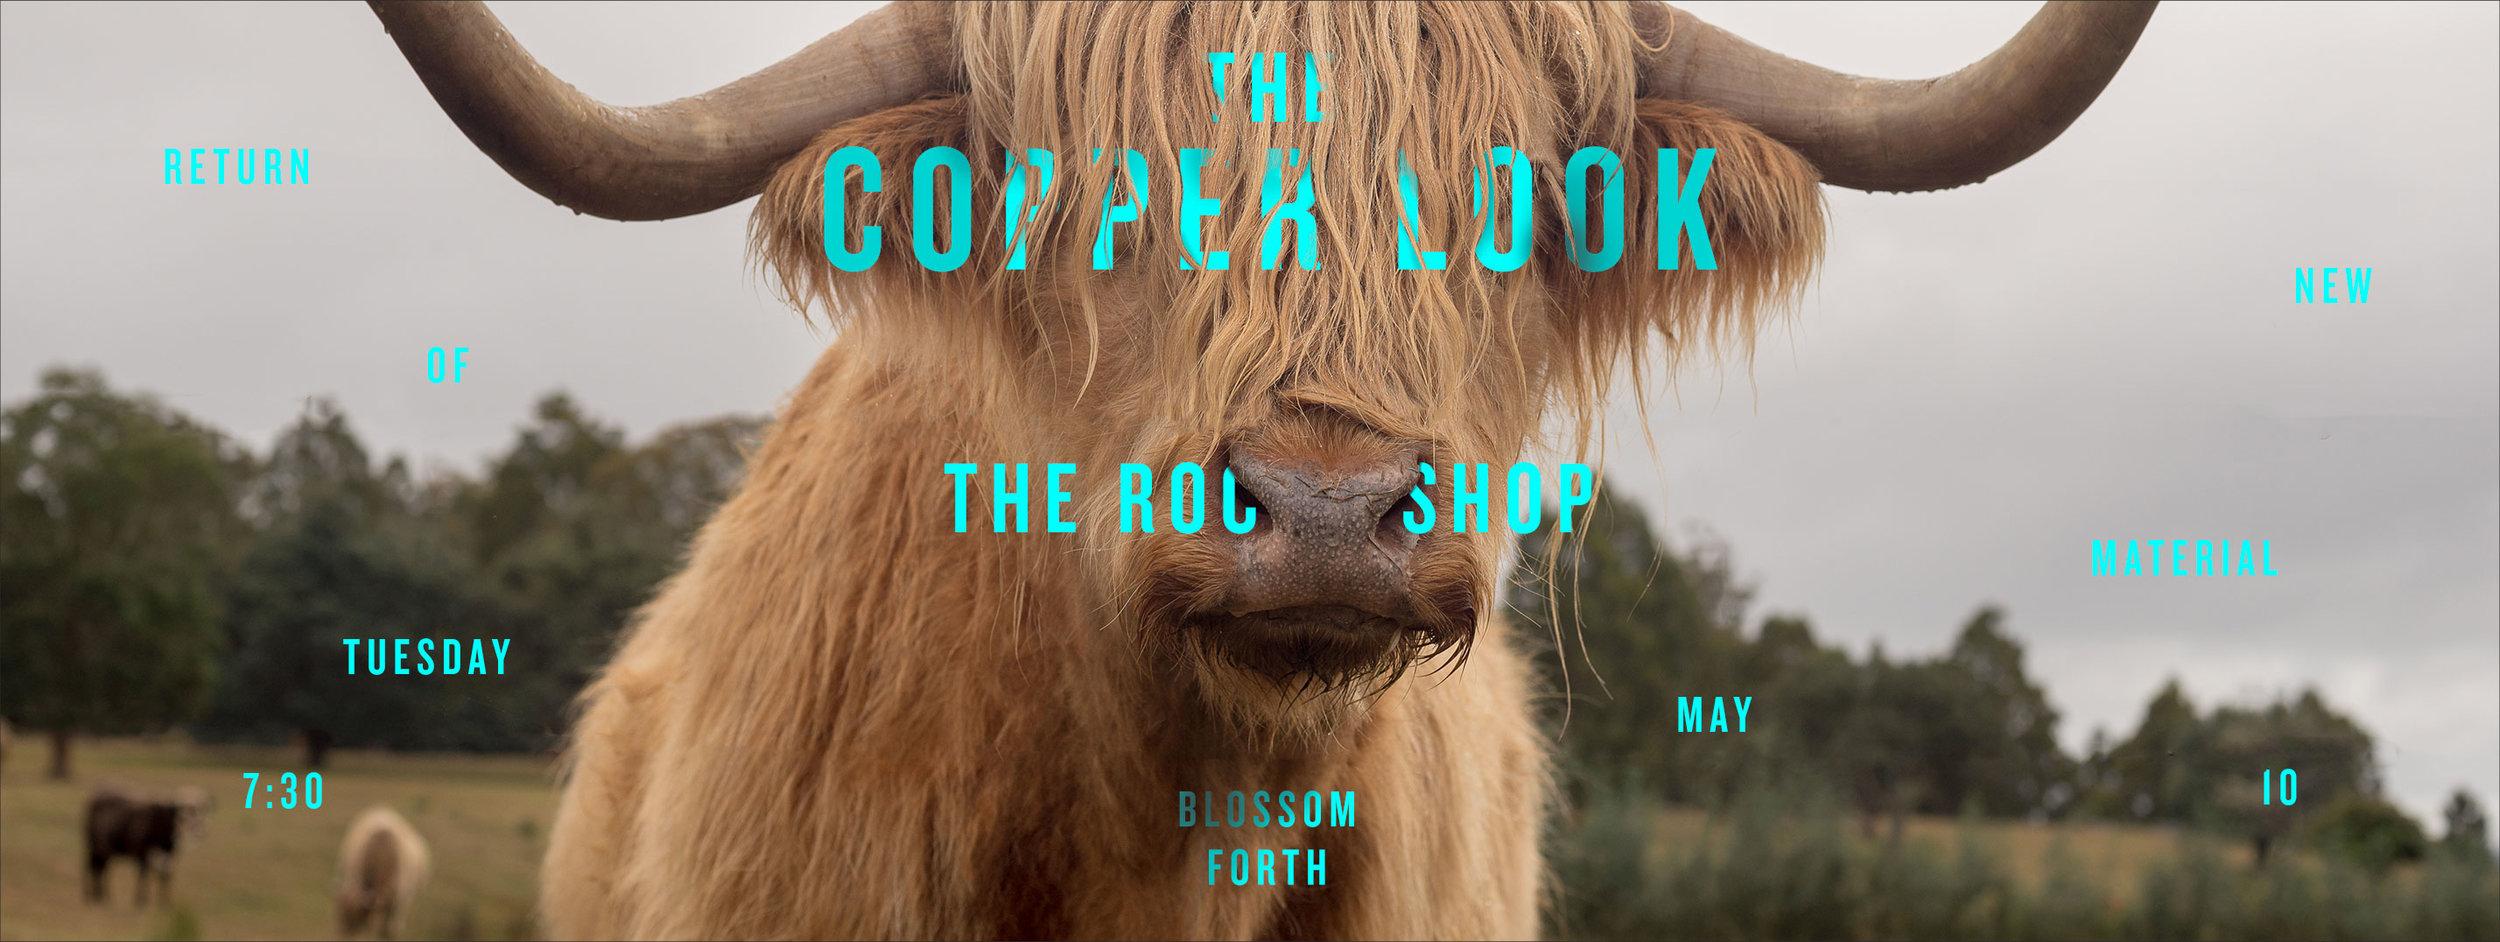 Lauren Peters-Collaer—The Copper Look